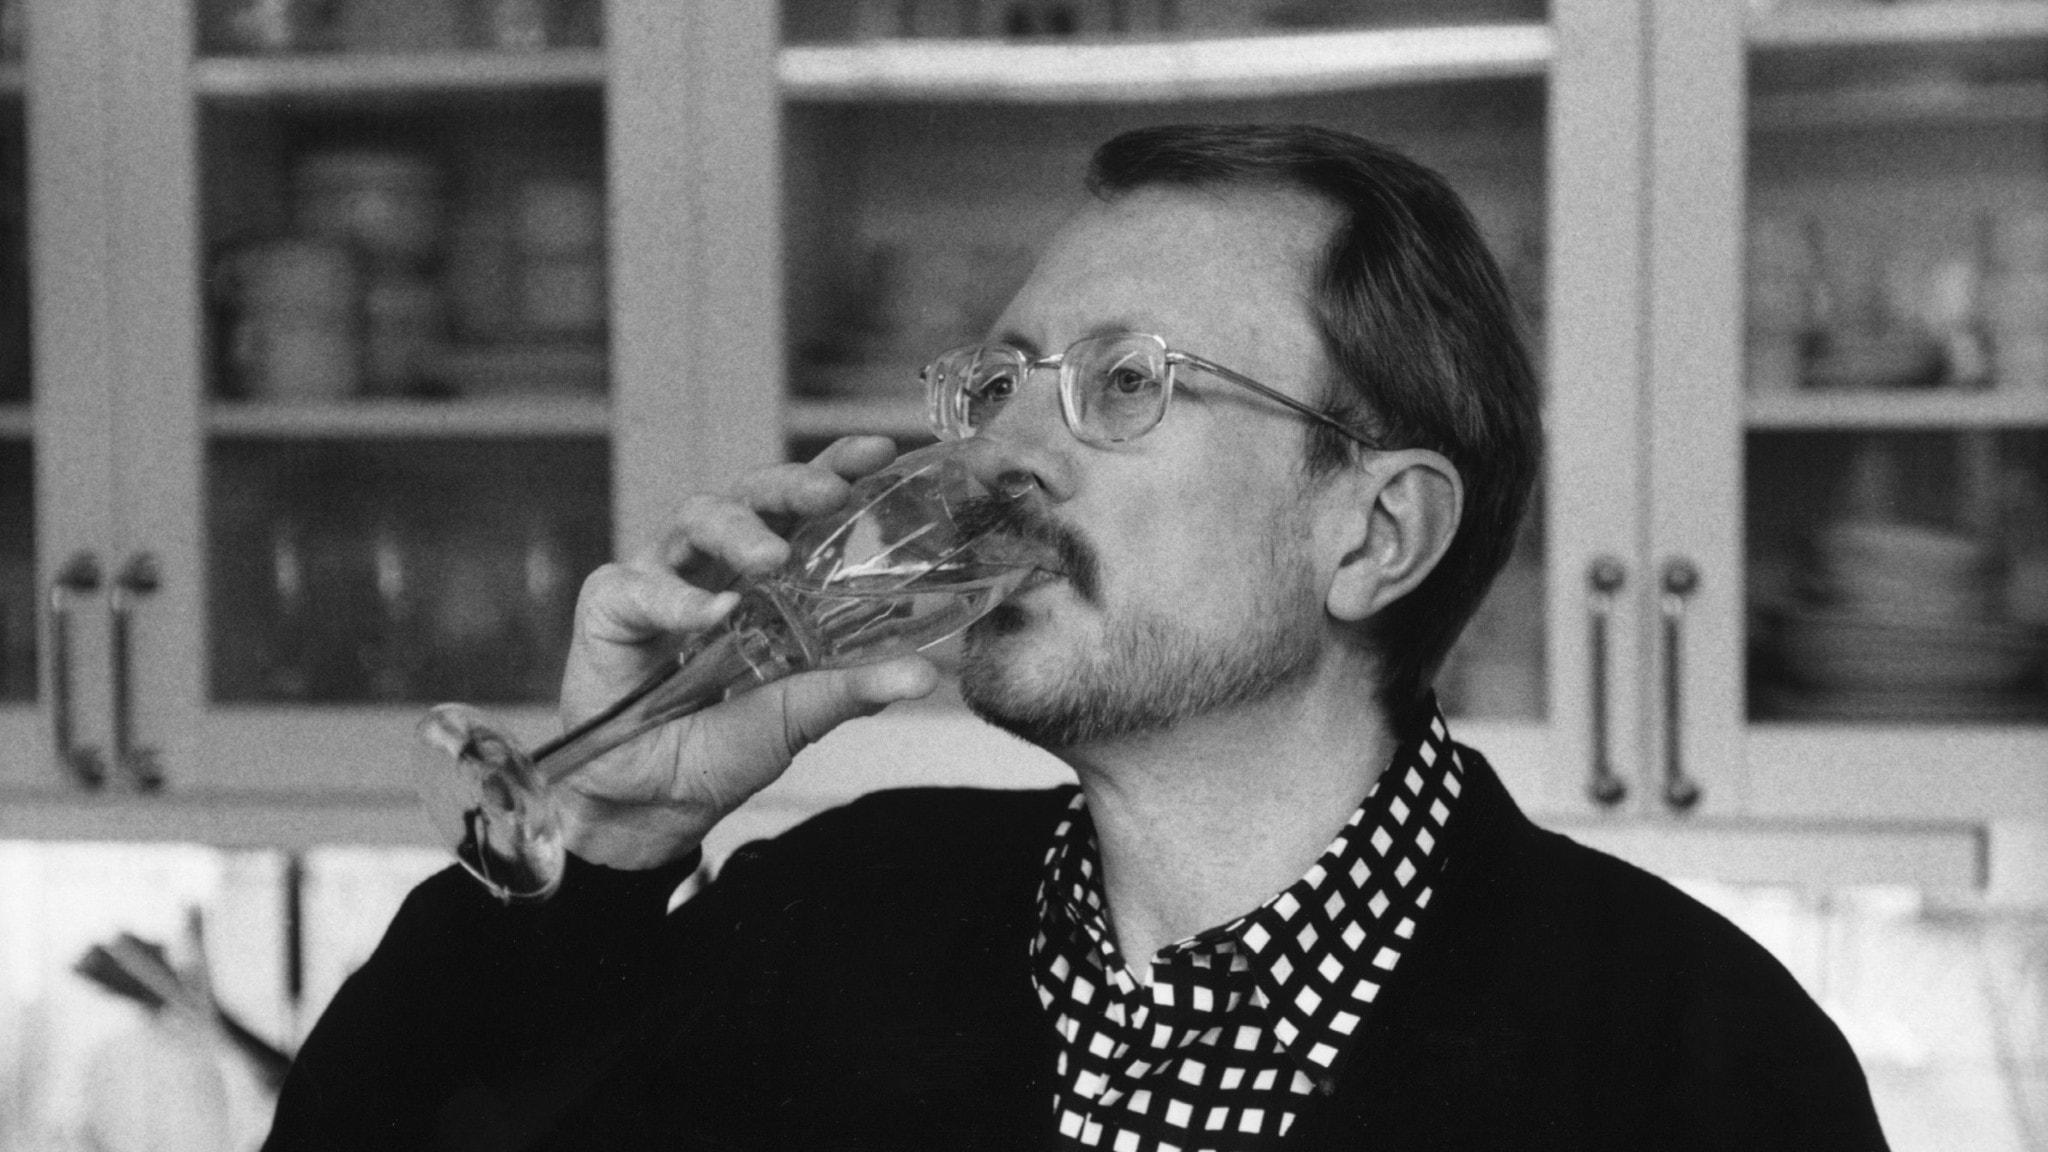 Bilden visar Jacob Dahlin när han dricker ett glas champagne.